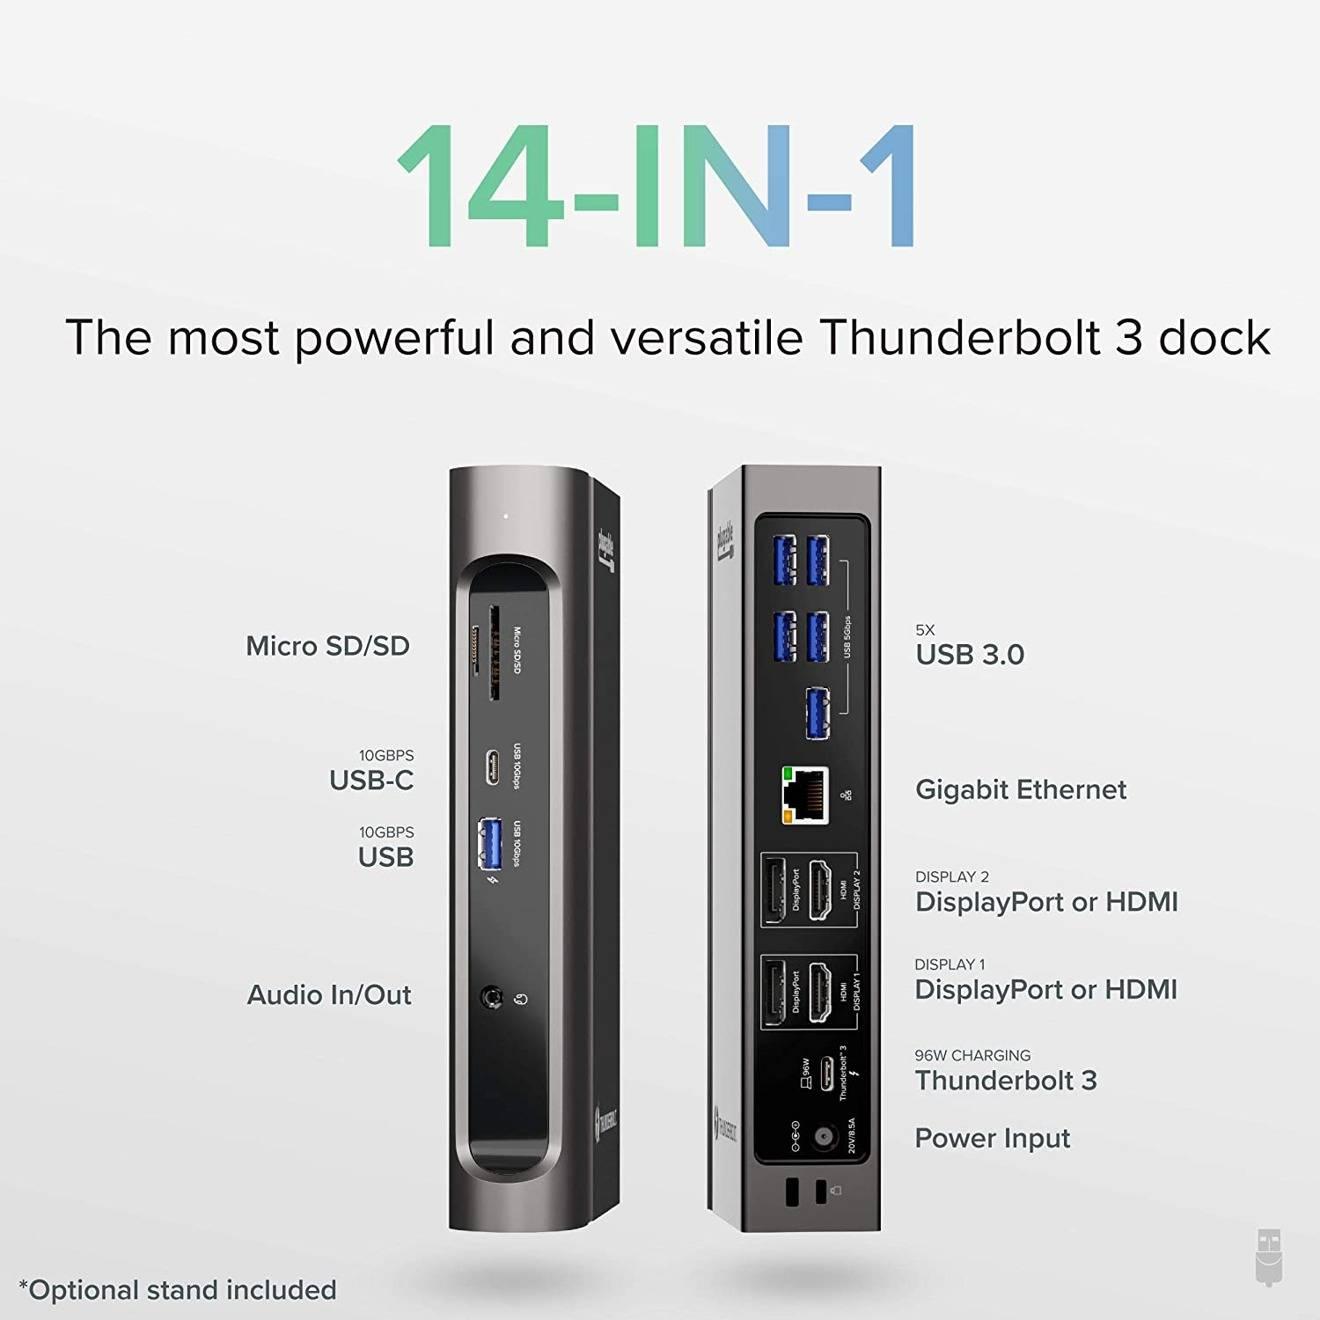 可插拔的新Thunderbolt 3基座可提供96W充电,支持两个4K显示屏